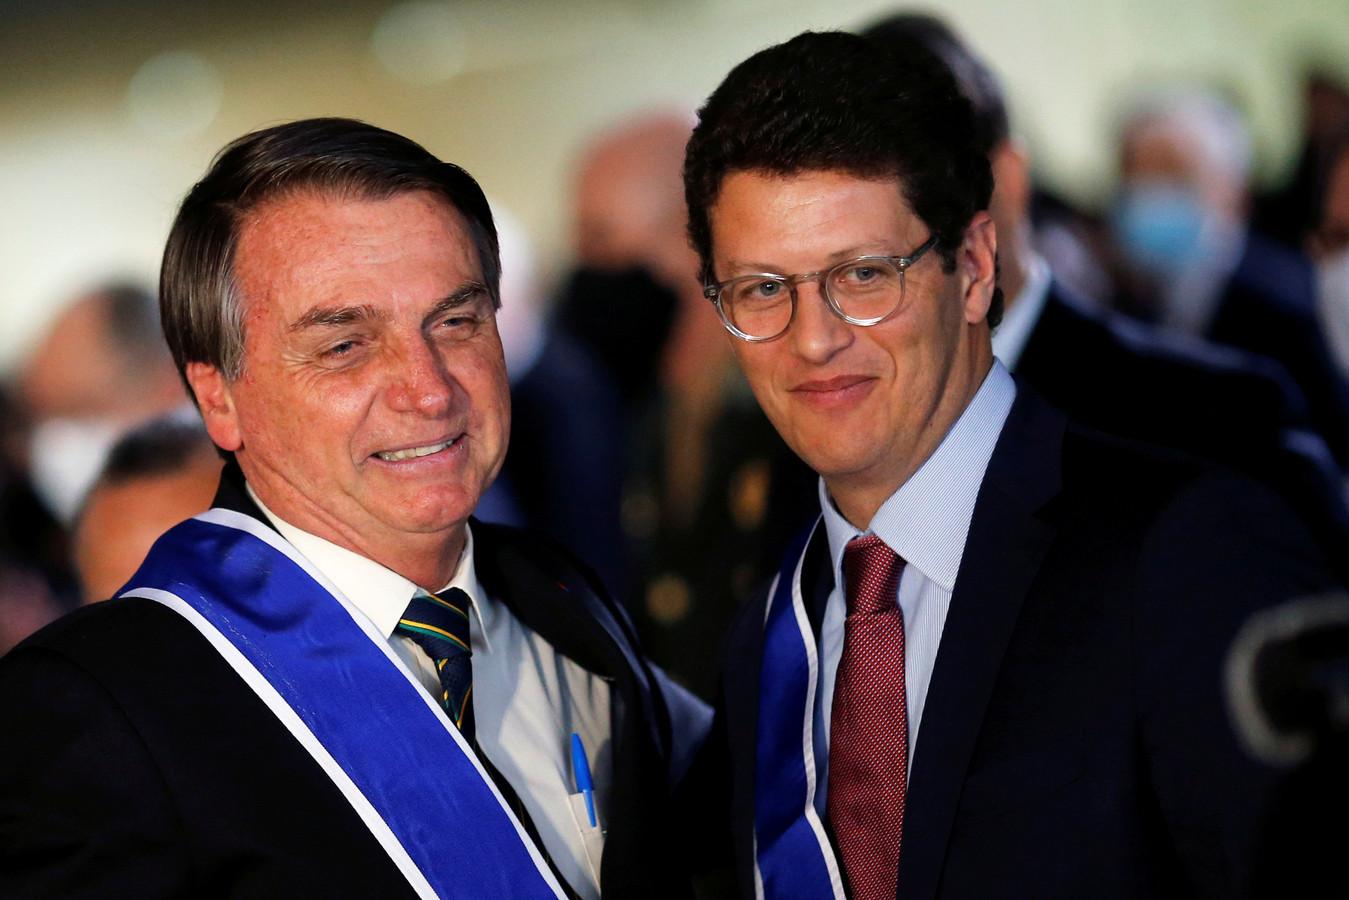 De Braziliaanse president Jair Bolsonaro (links) met de minister van Milieu Ricardo Salles op archiefbeeld.